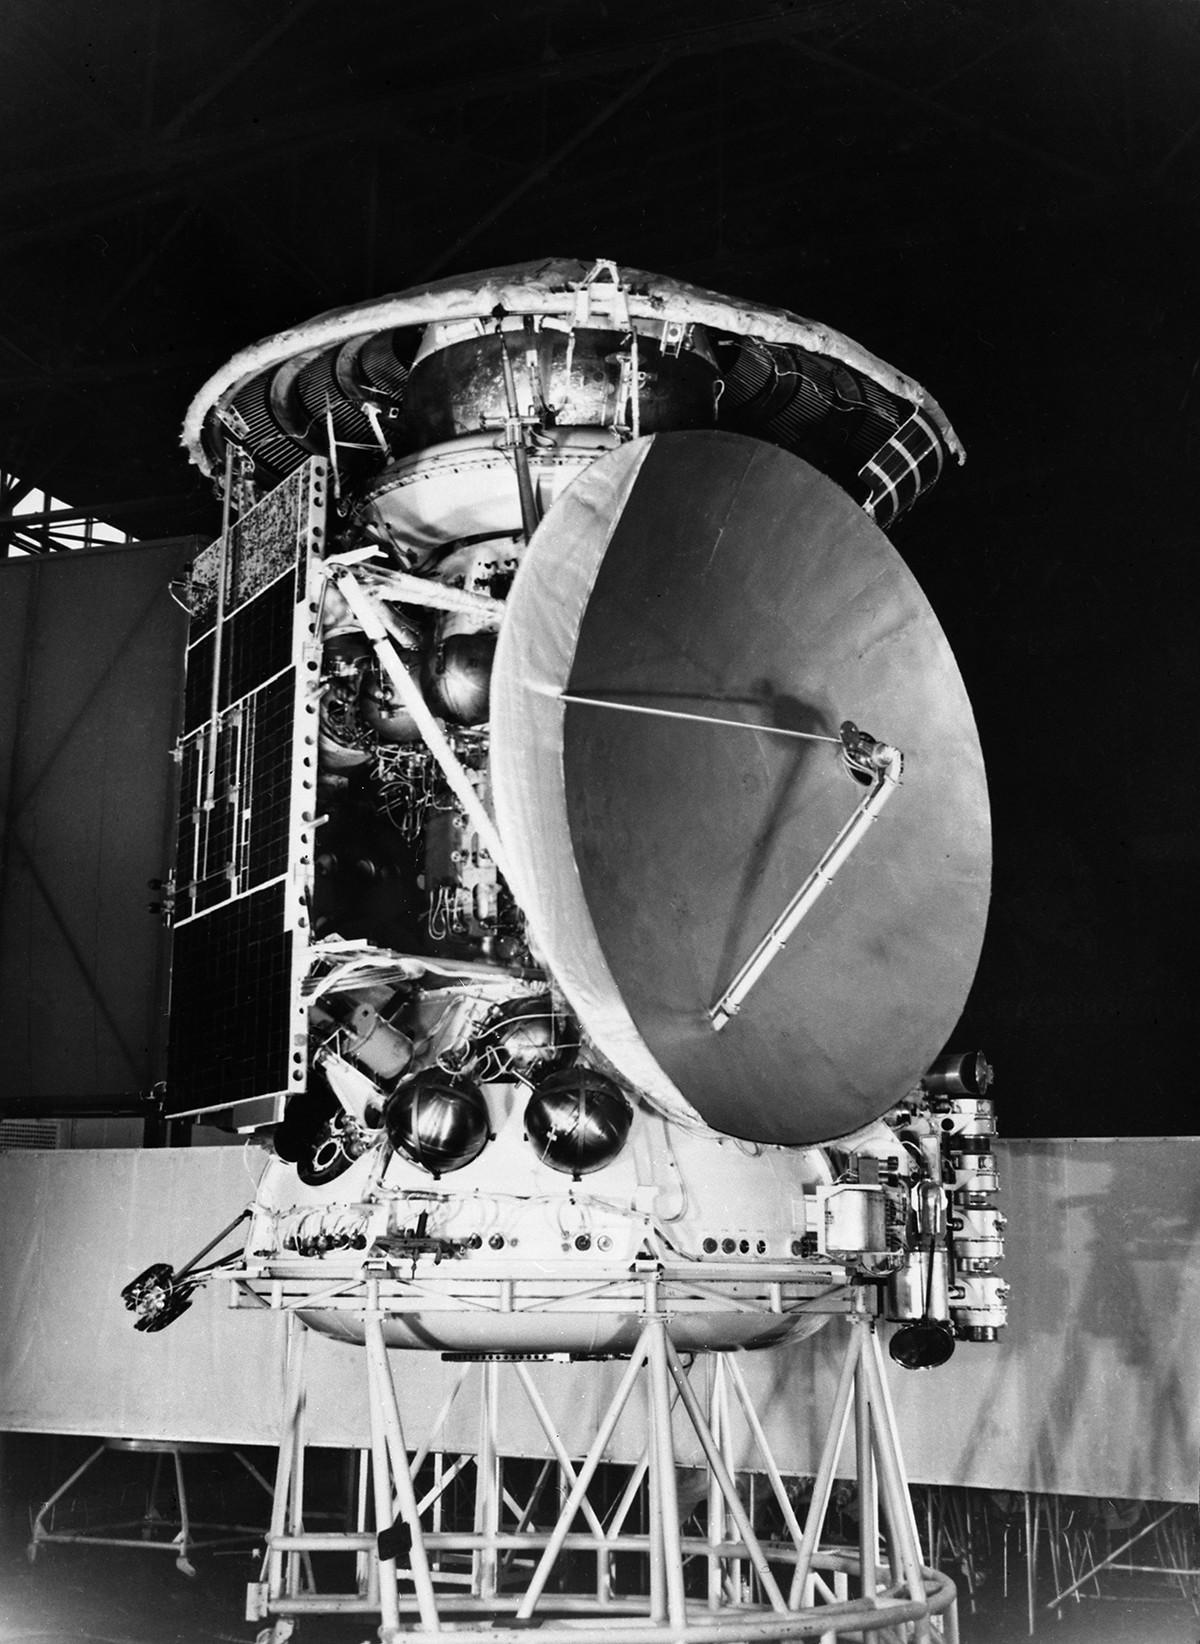 Die sowjetische interplanetare Station Mars 3 wurde am 28. Mai 1971 gestartet.